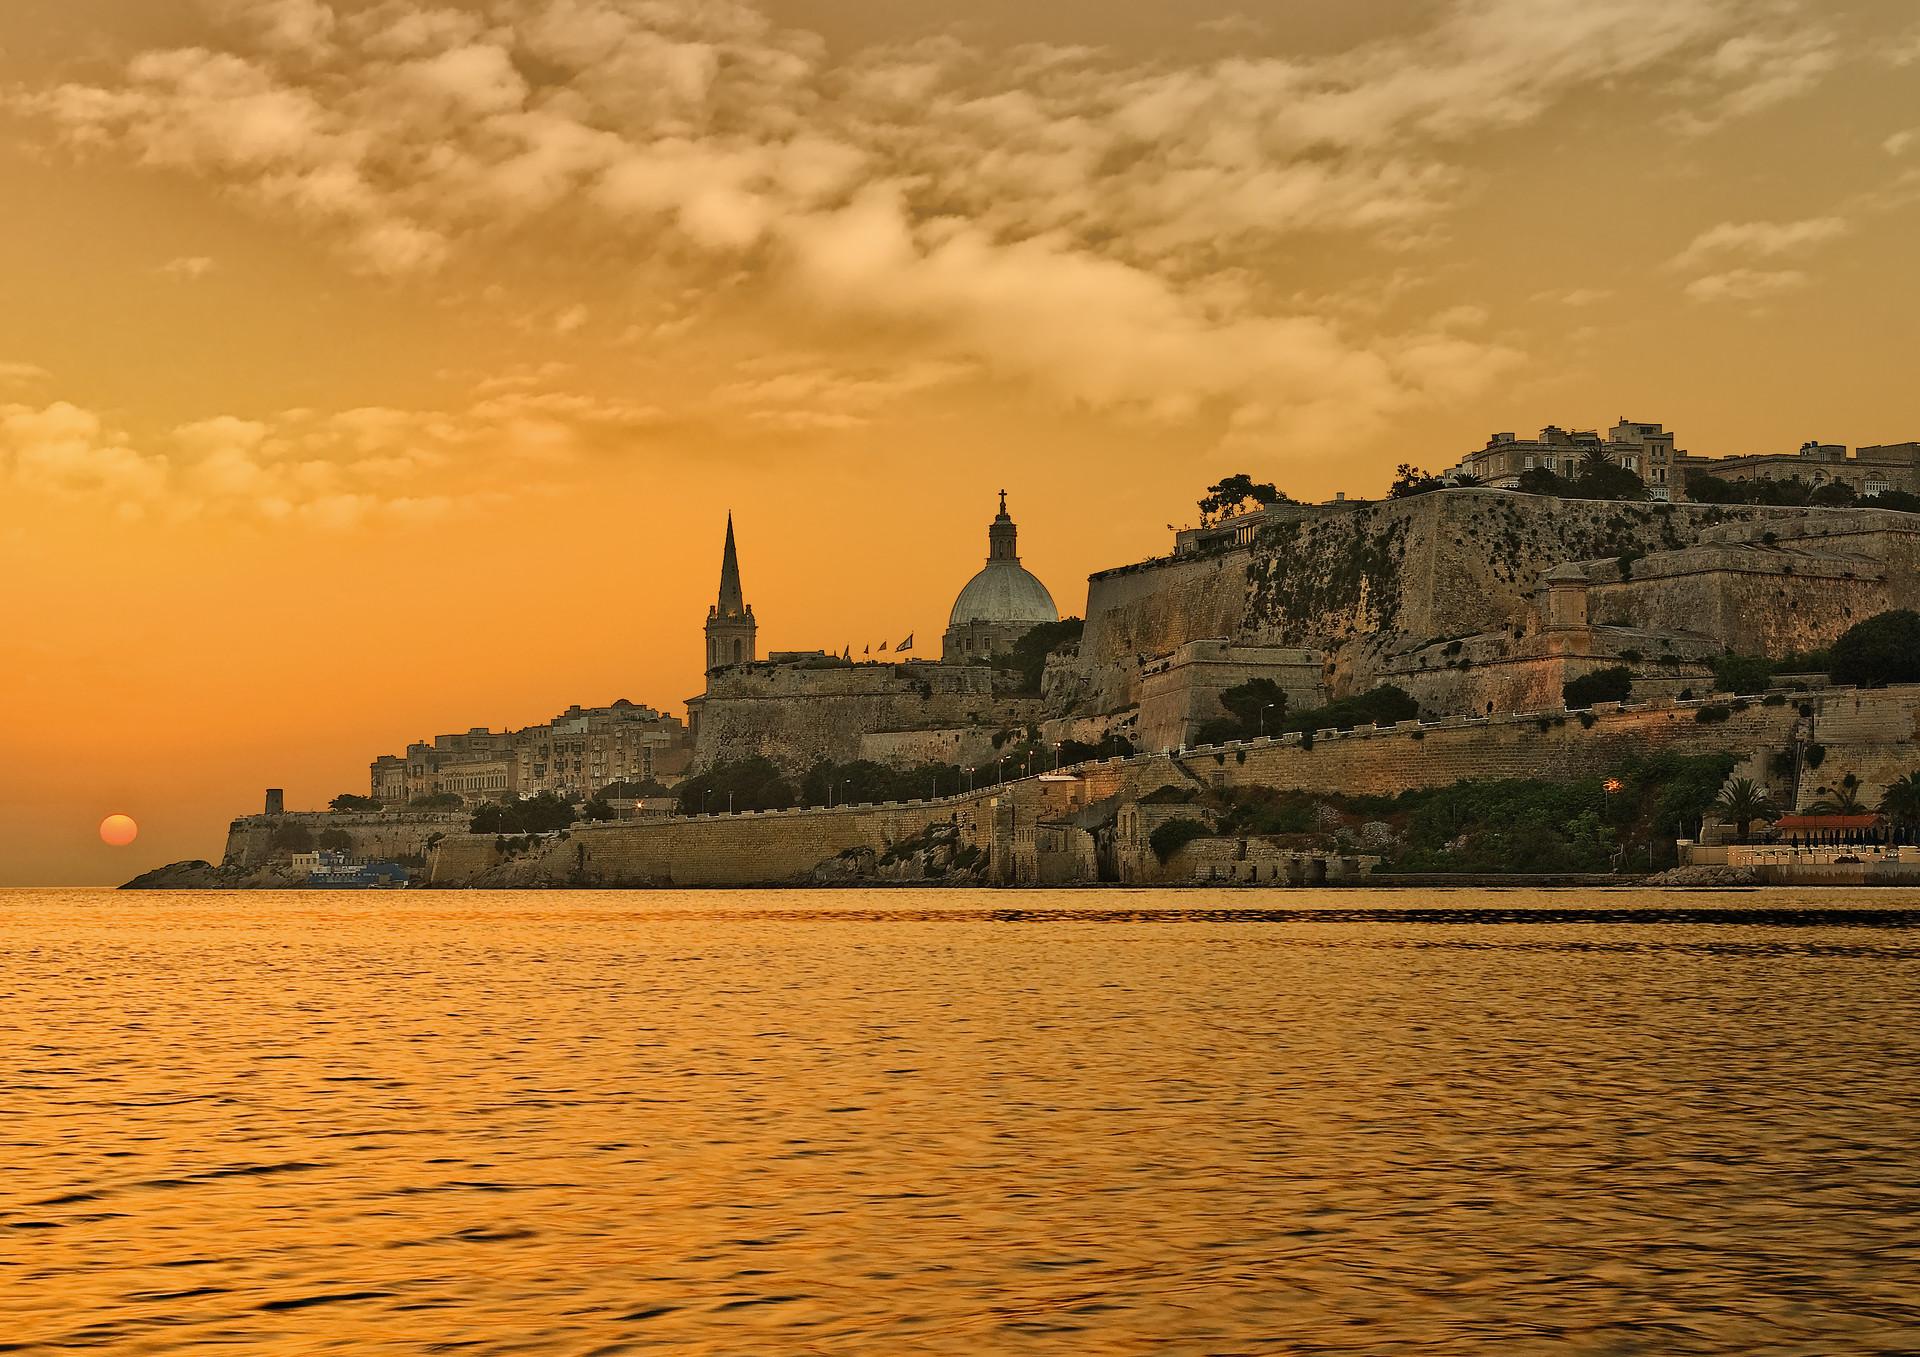 Kust Valletta zonsondergang oranje gloed, Malta